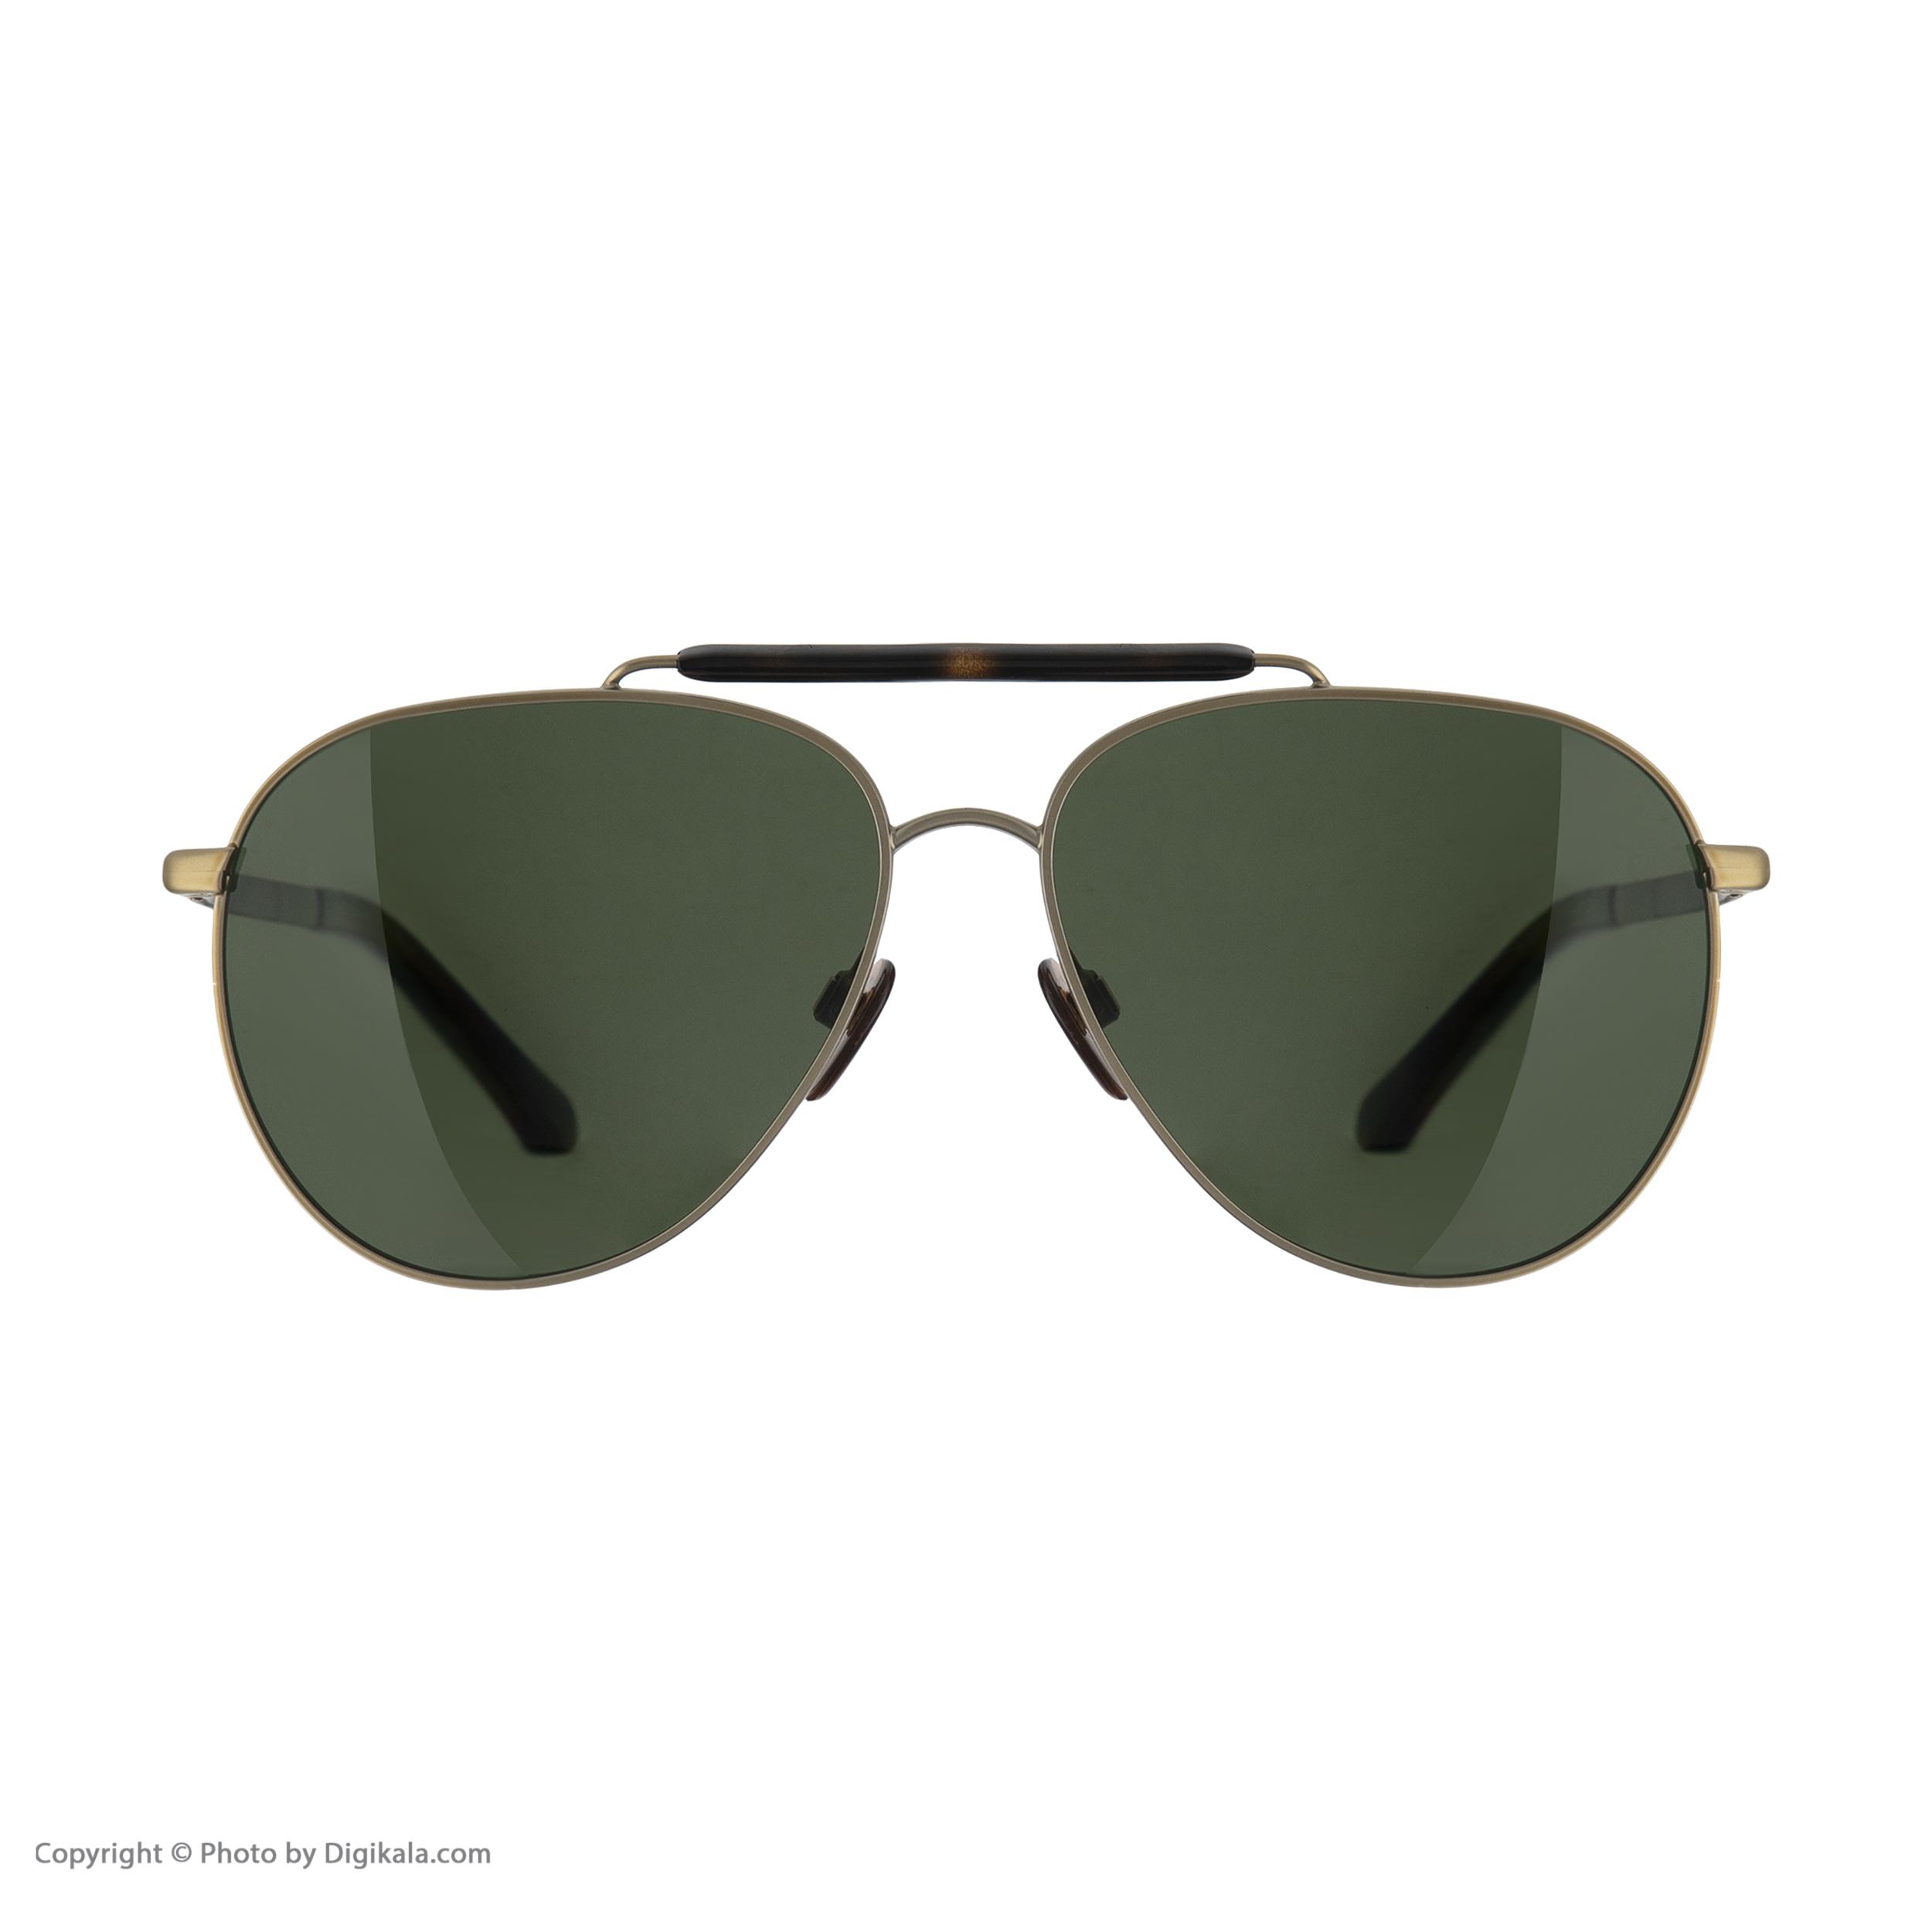 عینک آفتابی زنانه بربری مدل BE 3097S 127171 59 -  - 3